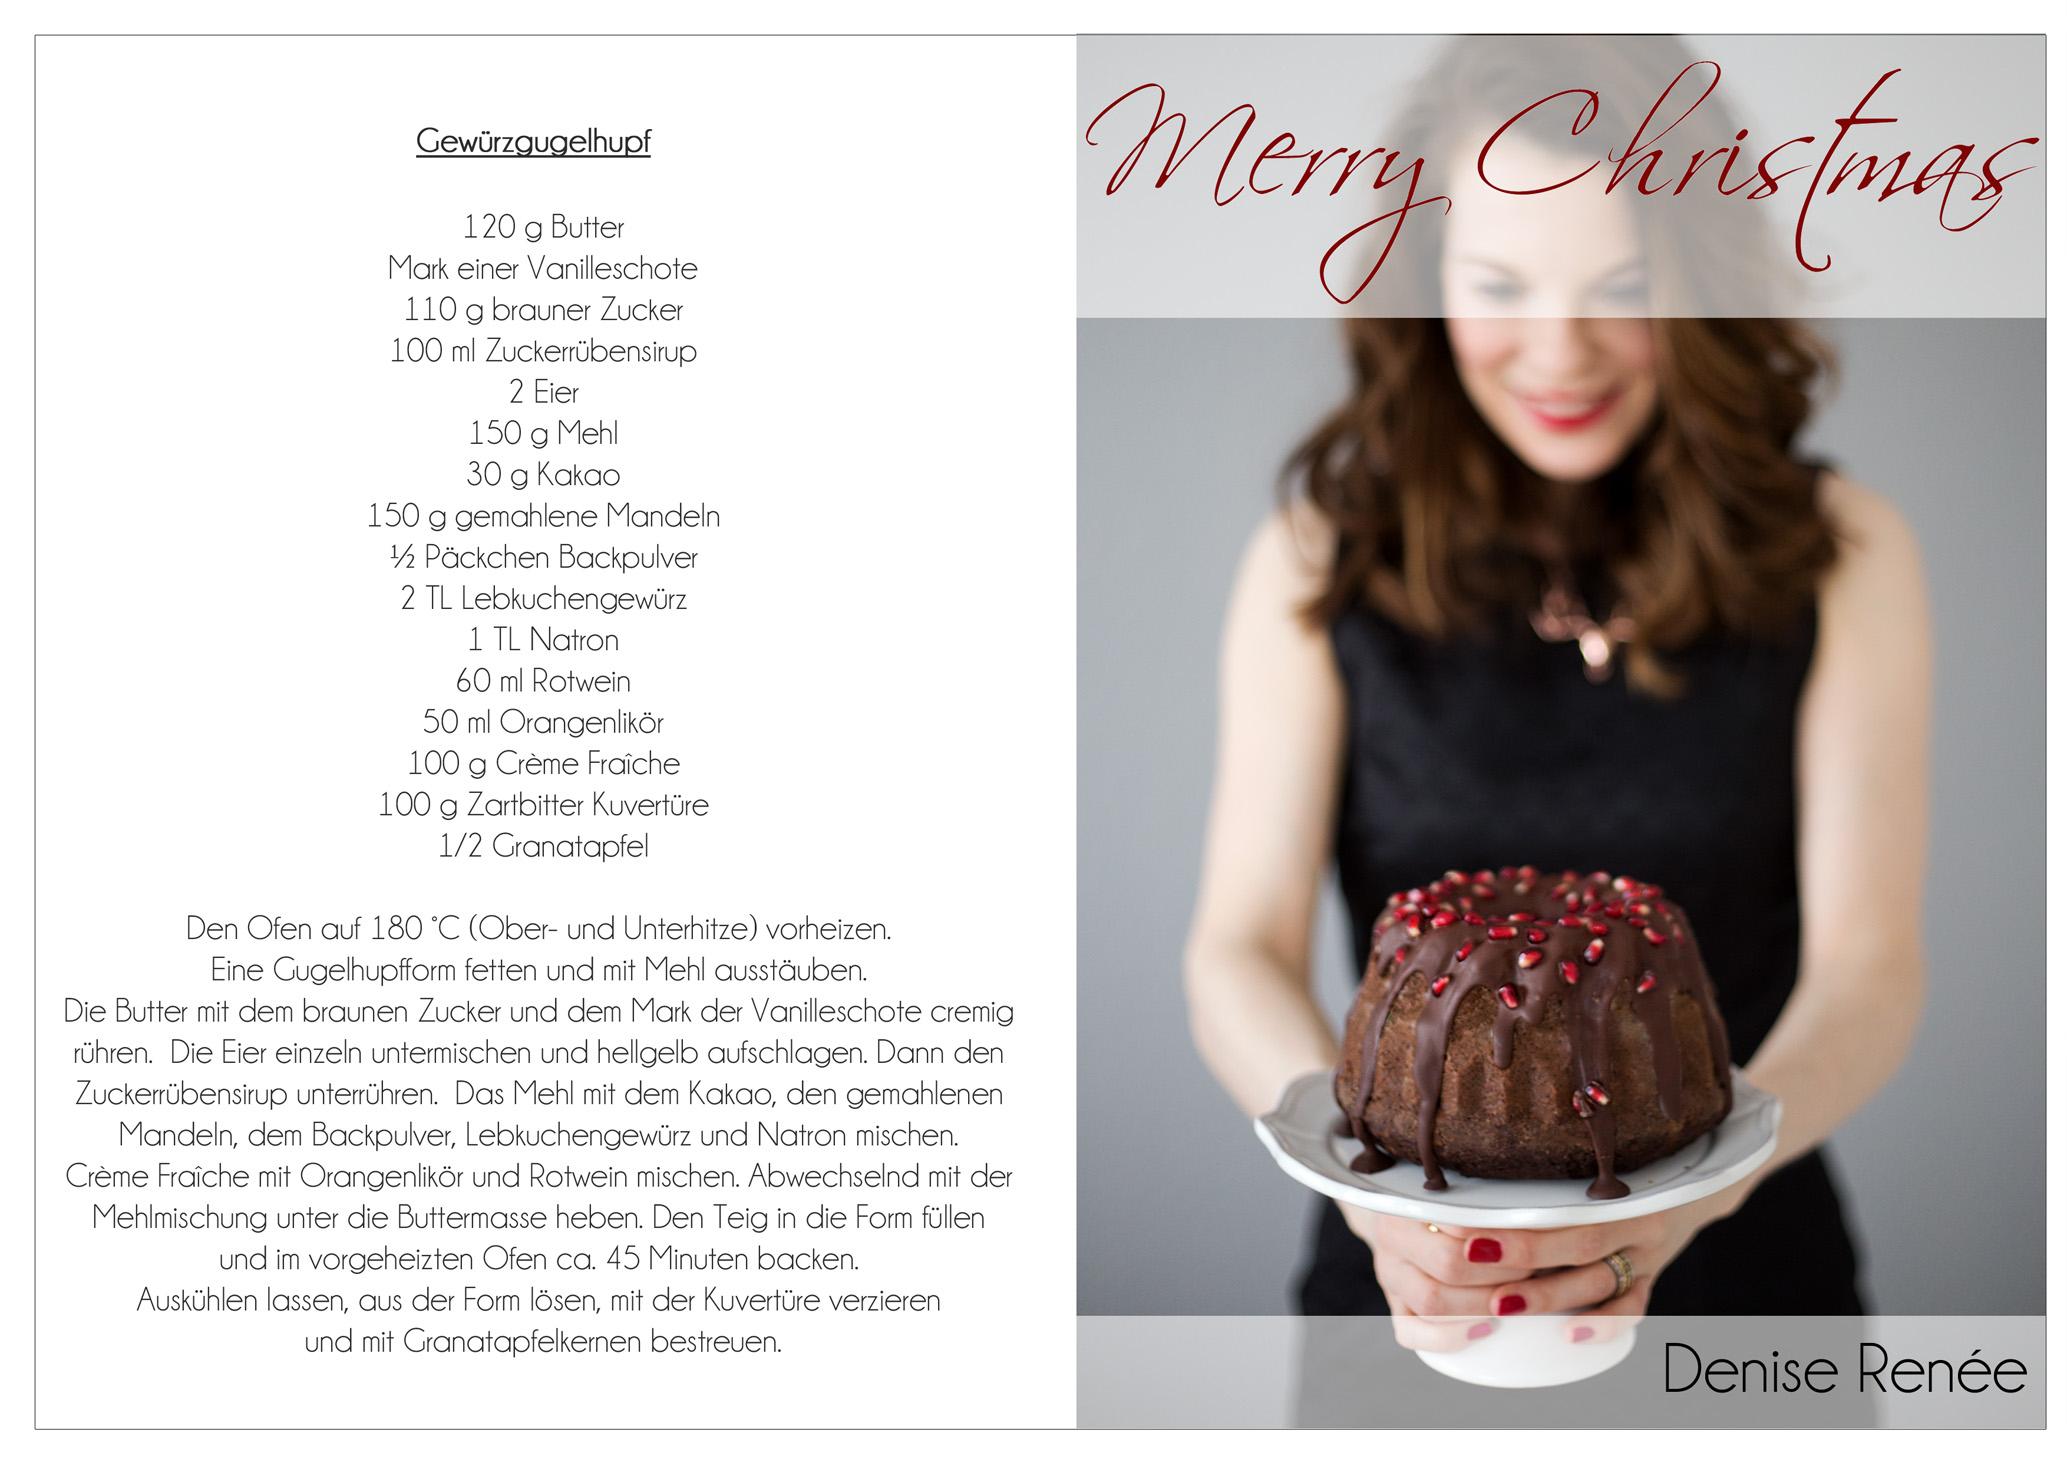 Weihnachtskarte_Denise Renee